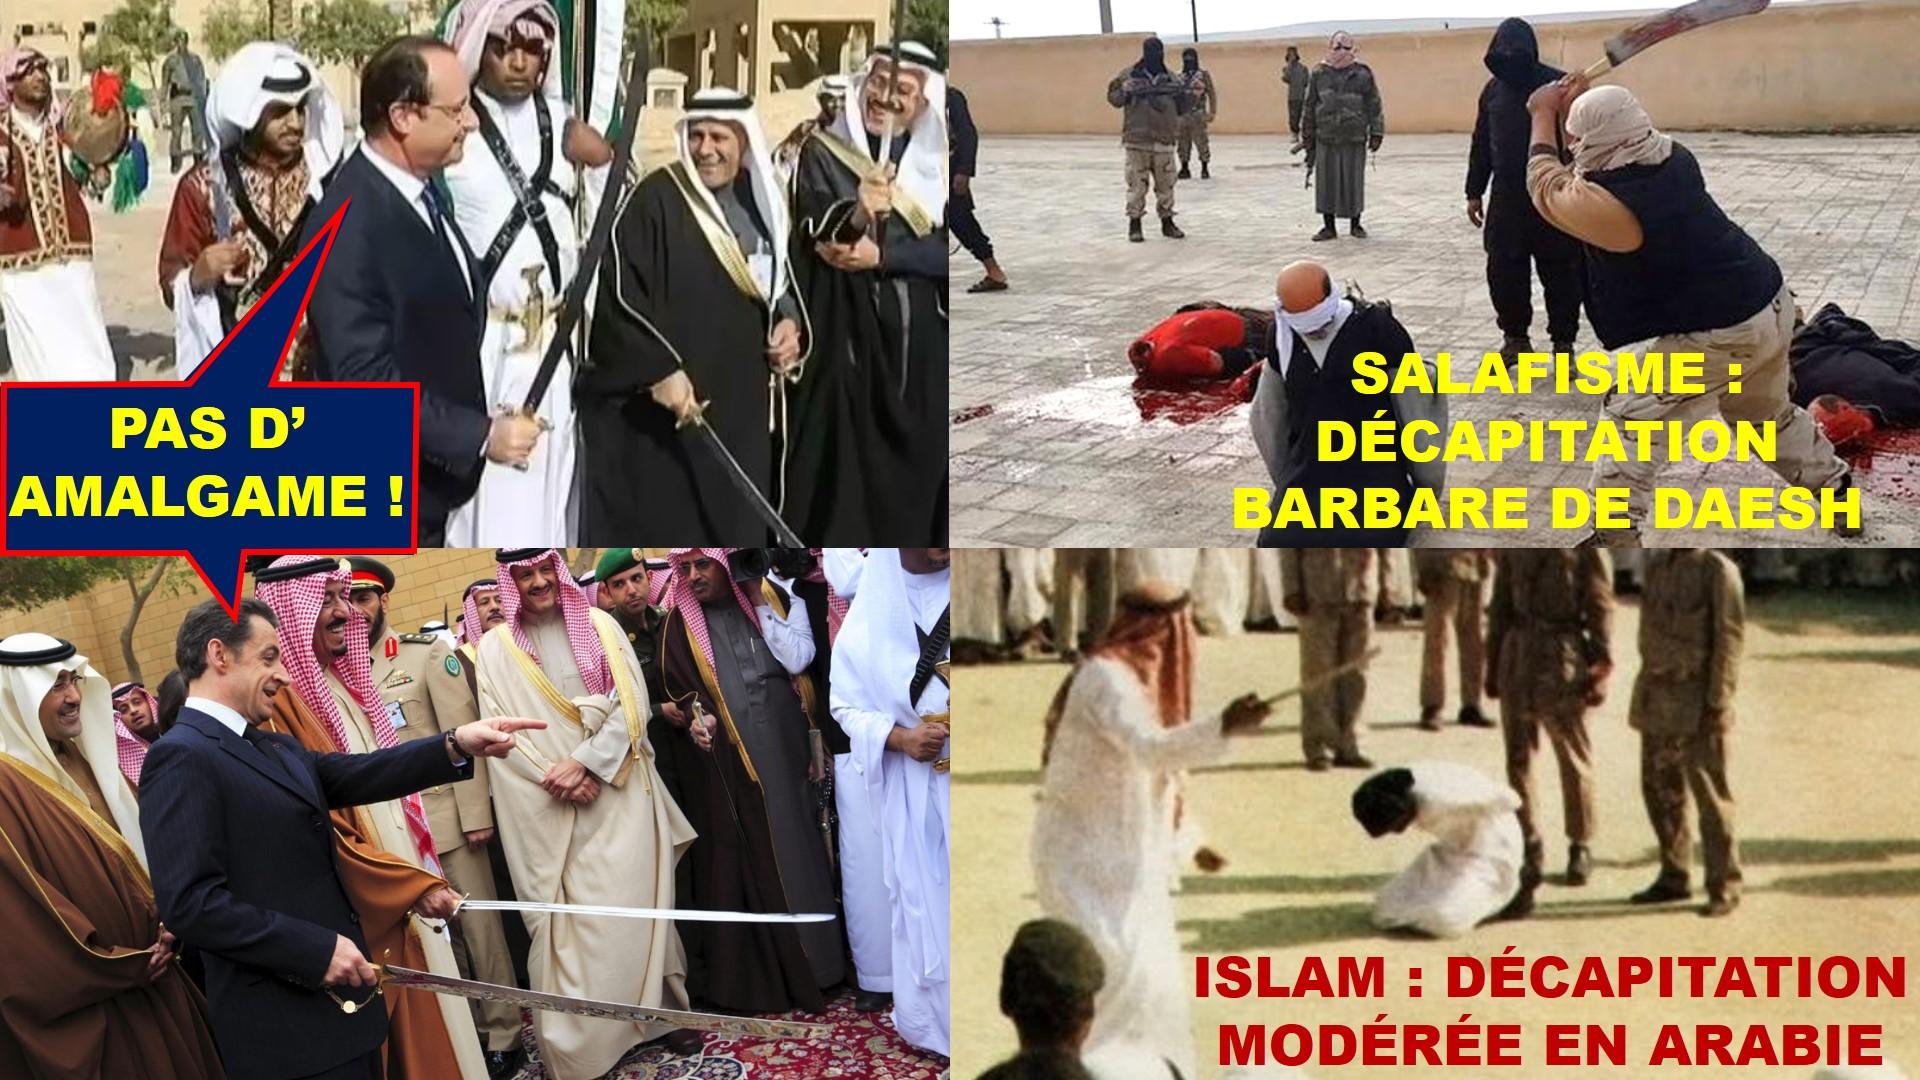 Salafistes3